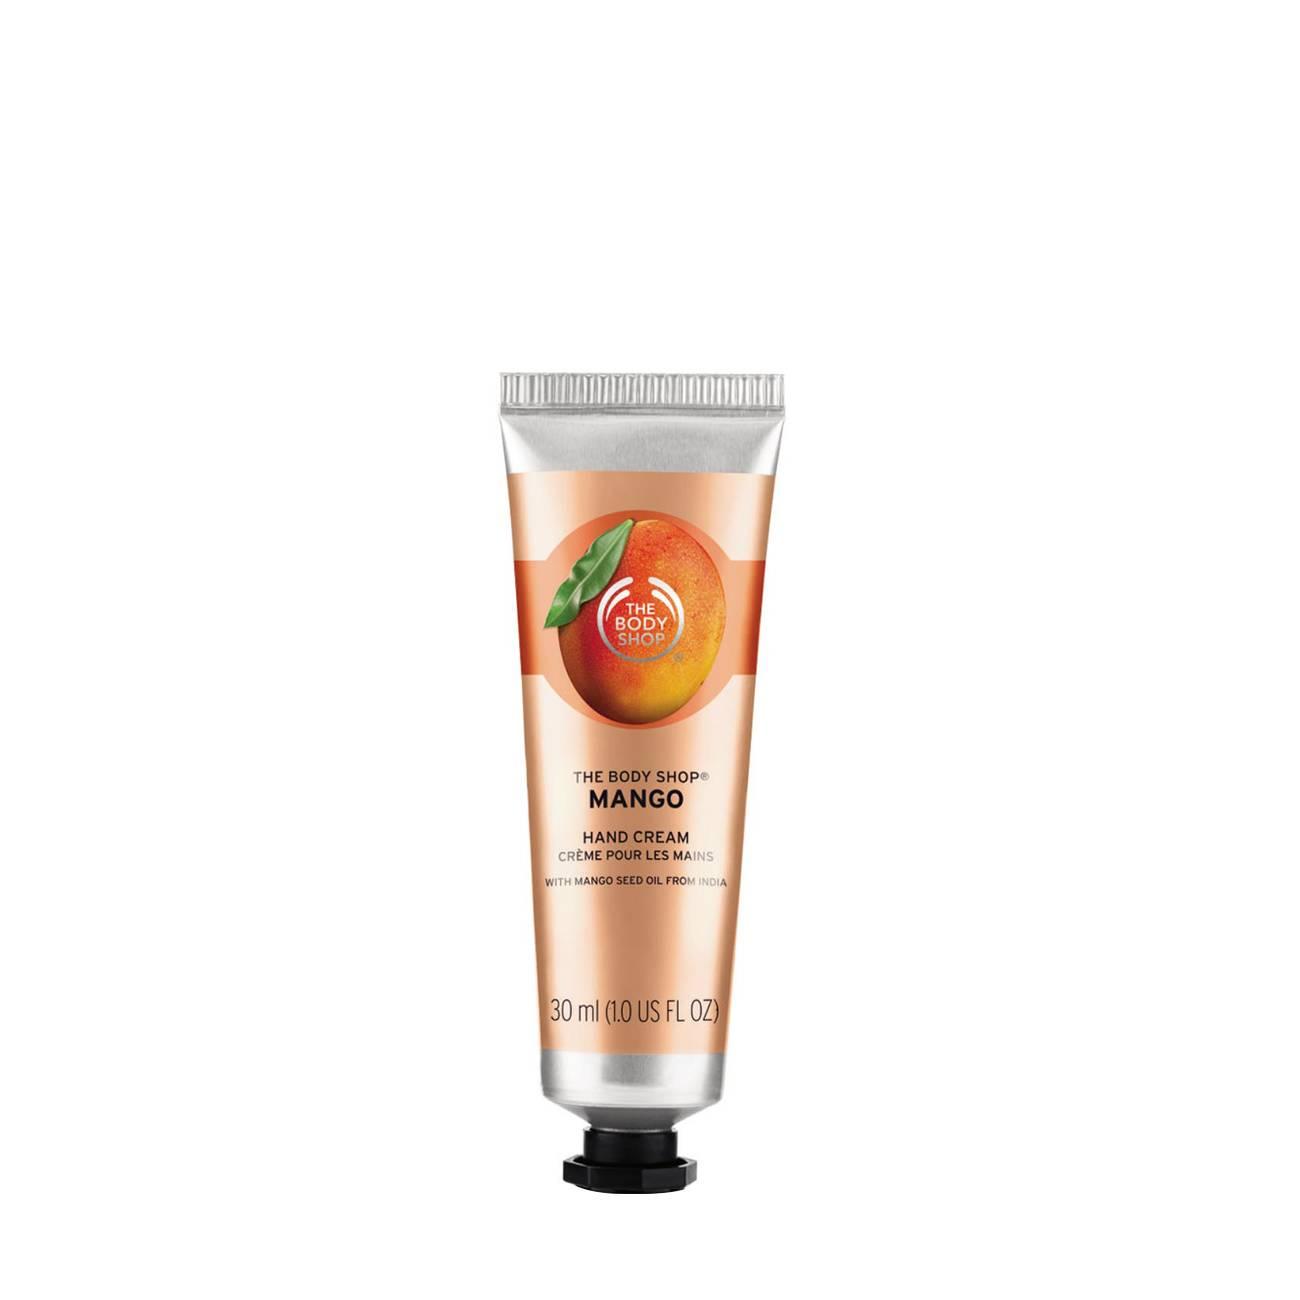 Mango Hand Cream 30ml The Body Shop imagine 2021 bestvalue.eu